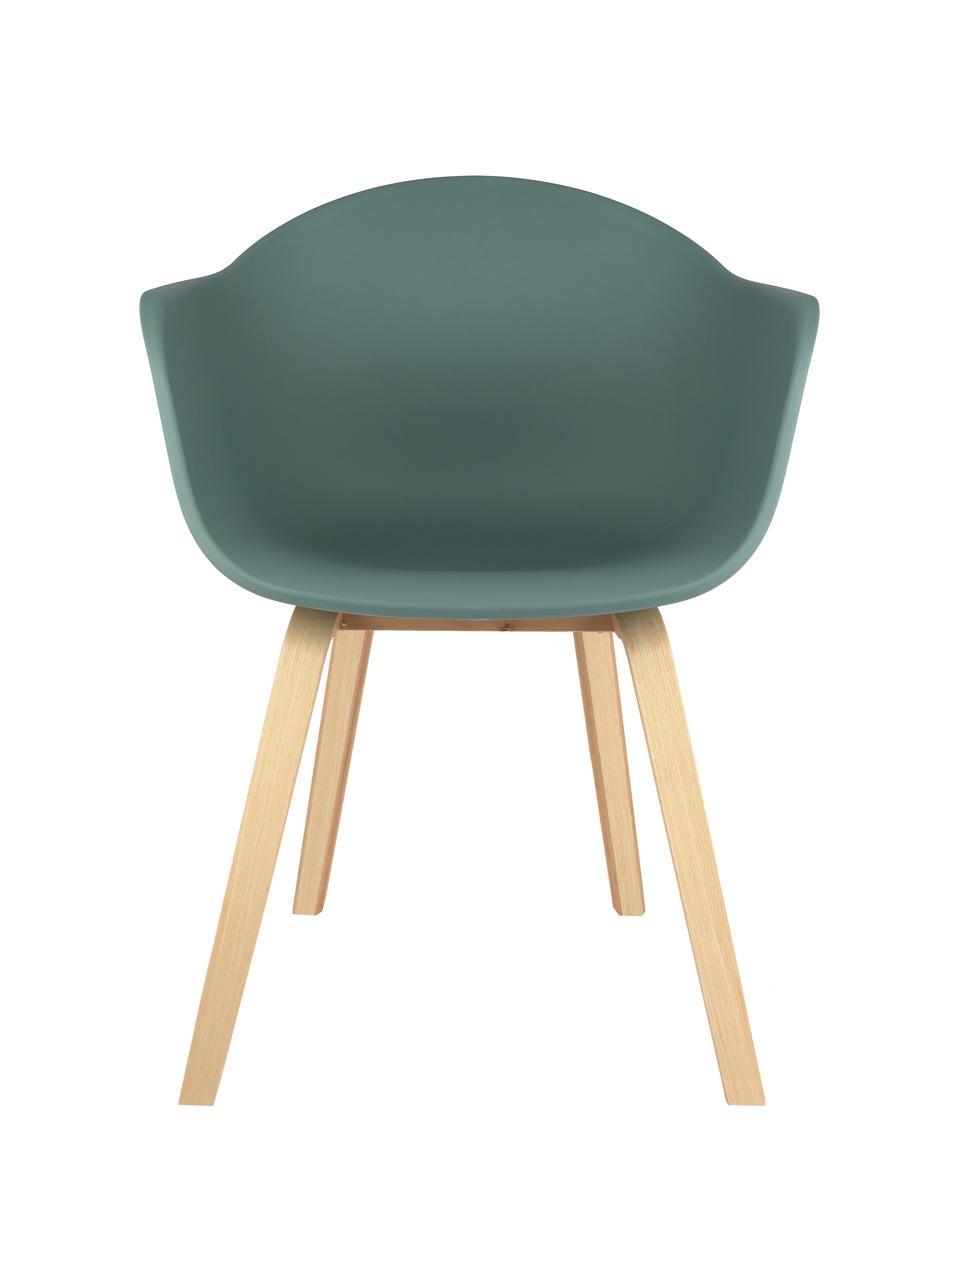 Chaise scandinave plastique Claire, Plastique vert